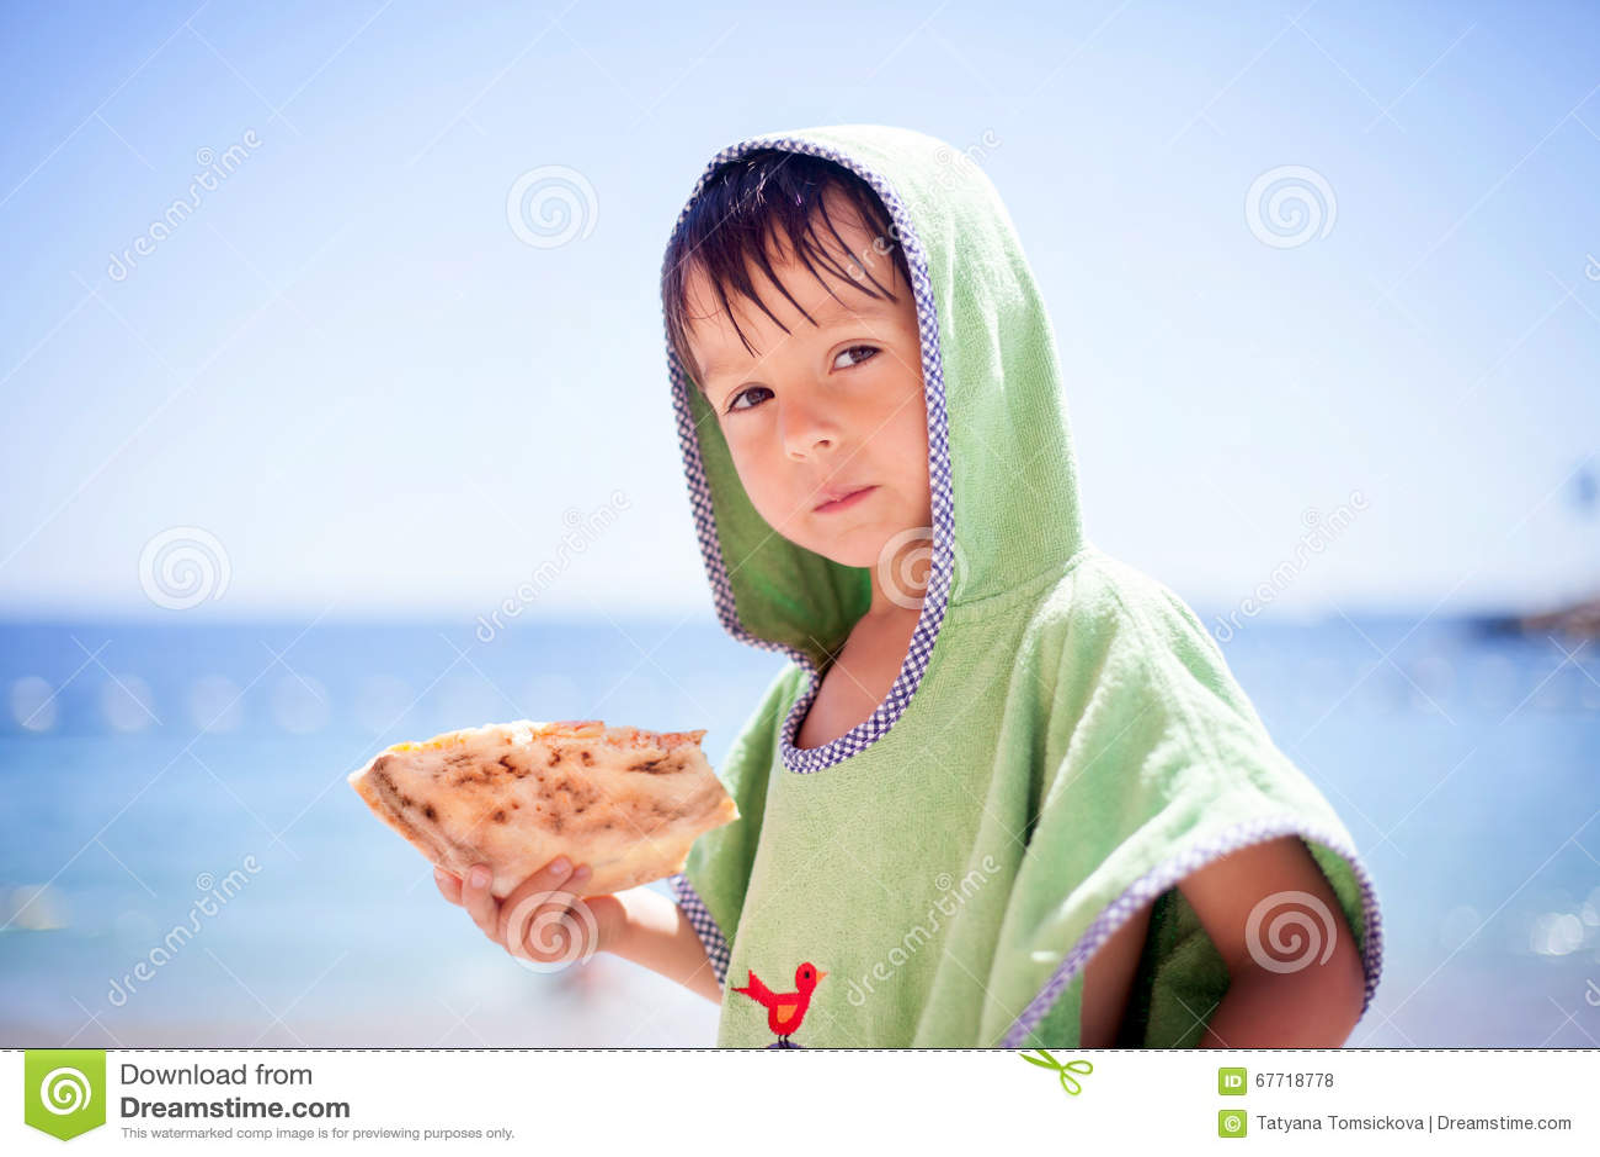 Boy eating pizza in kitchen vector illustration - Si puo fare il bagno dopo mangiato ...